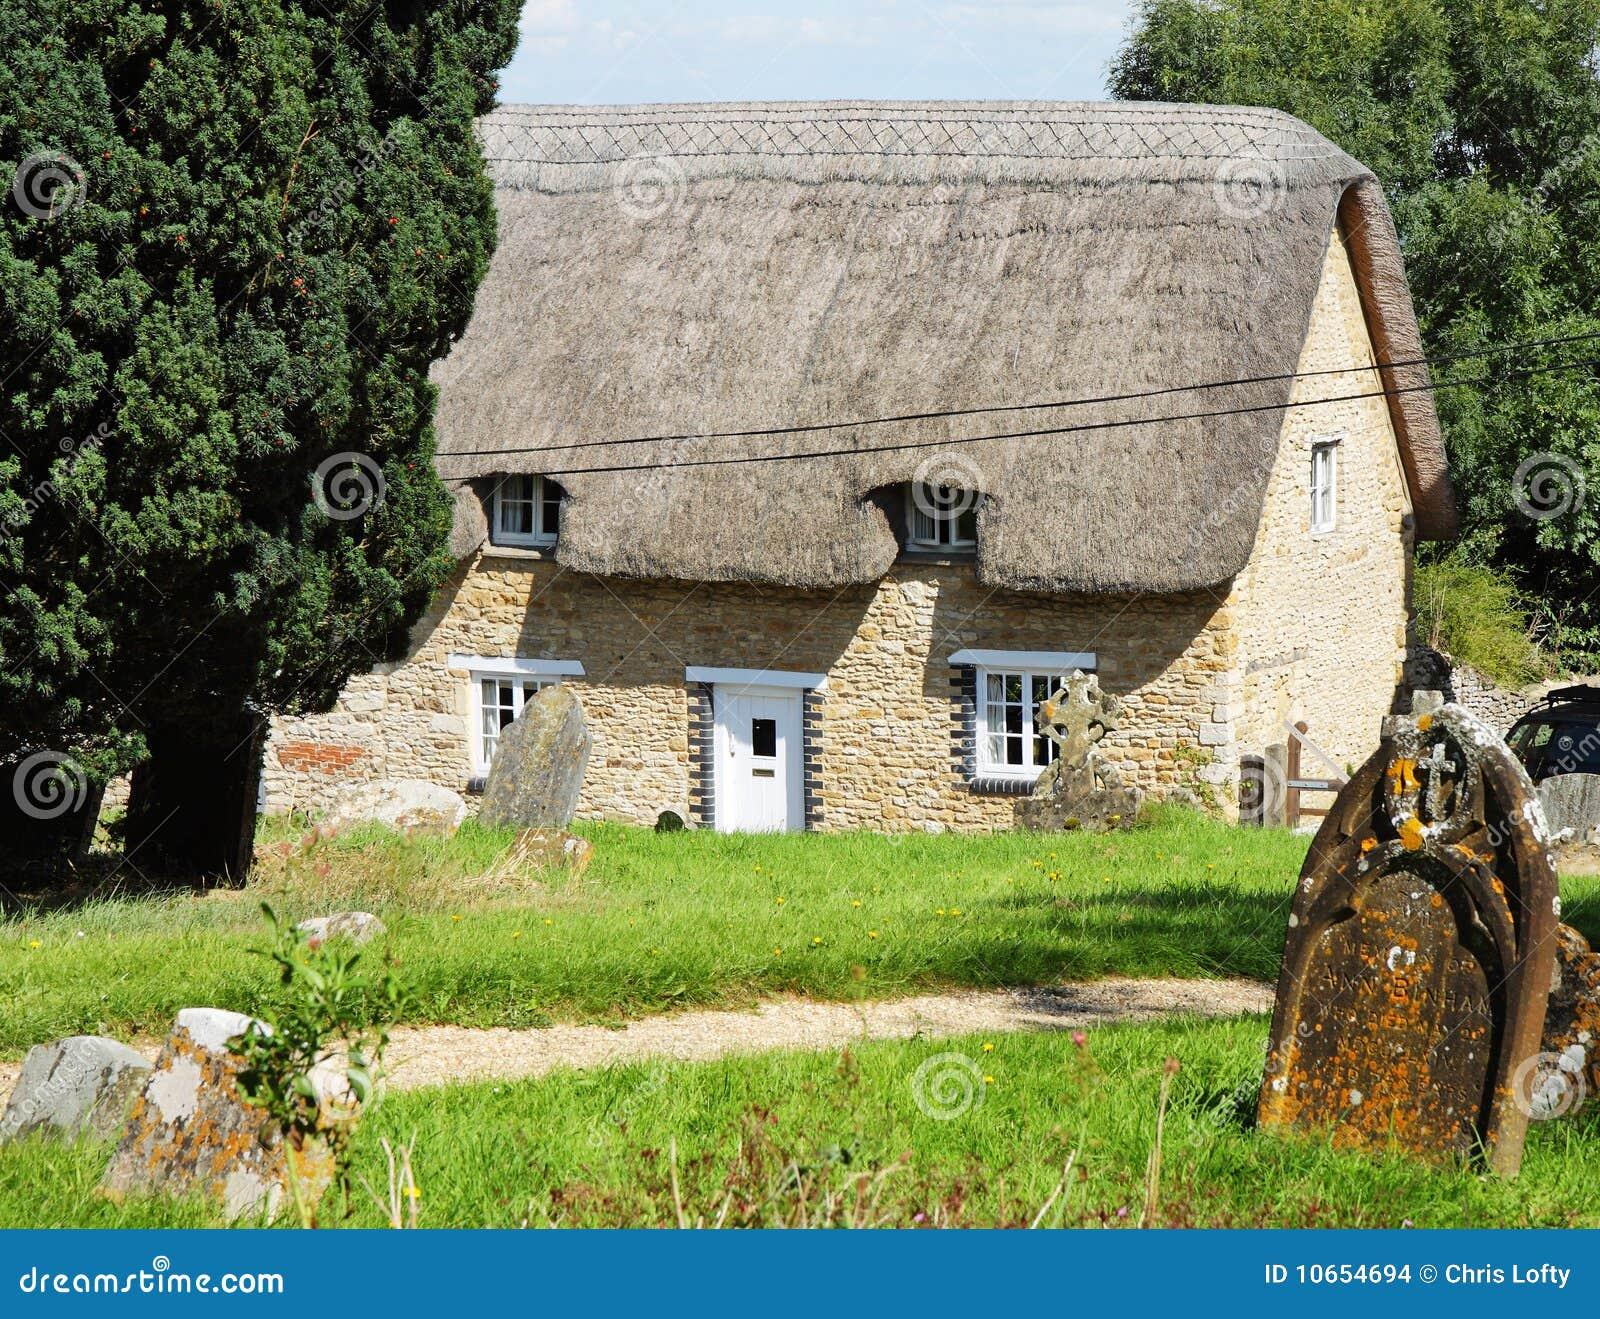 Cottage inglesi tradizionali del villaggio immagini stock for Planimetrie inglesi del cottage